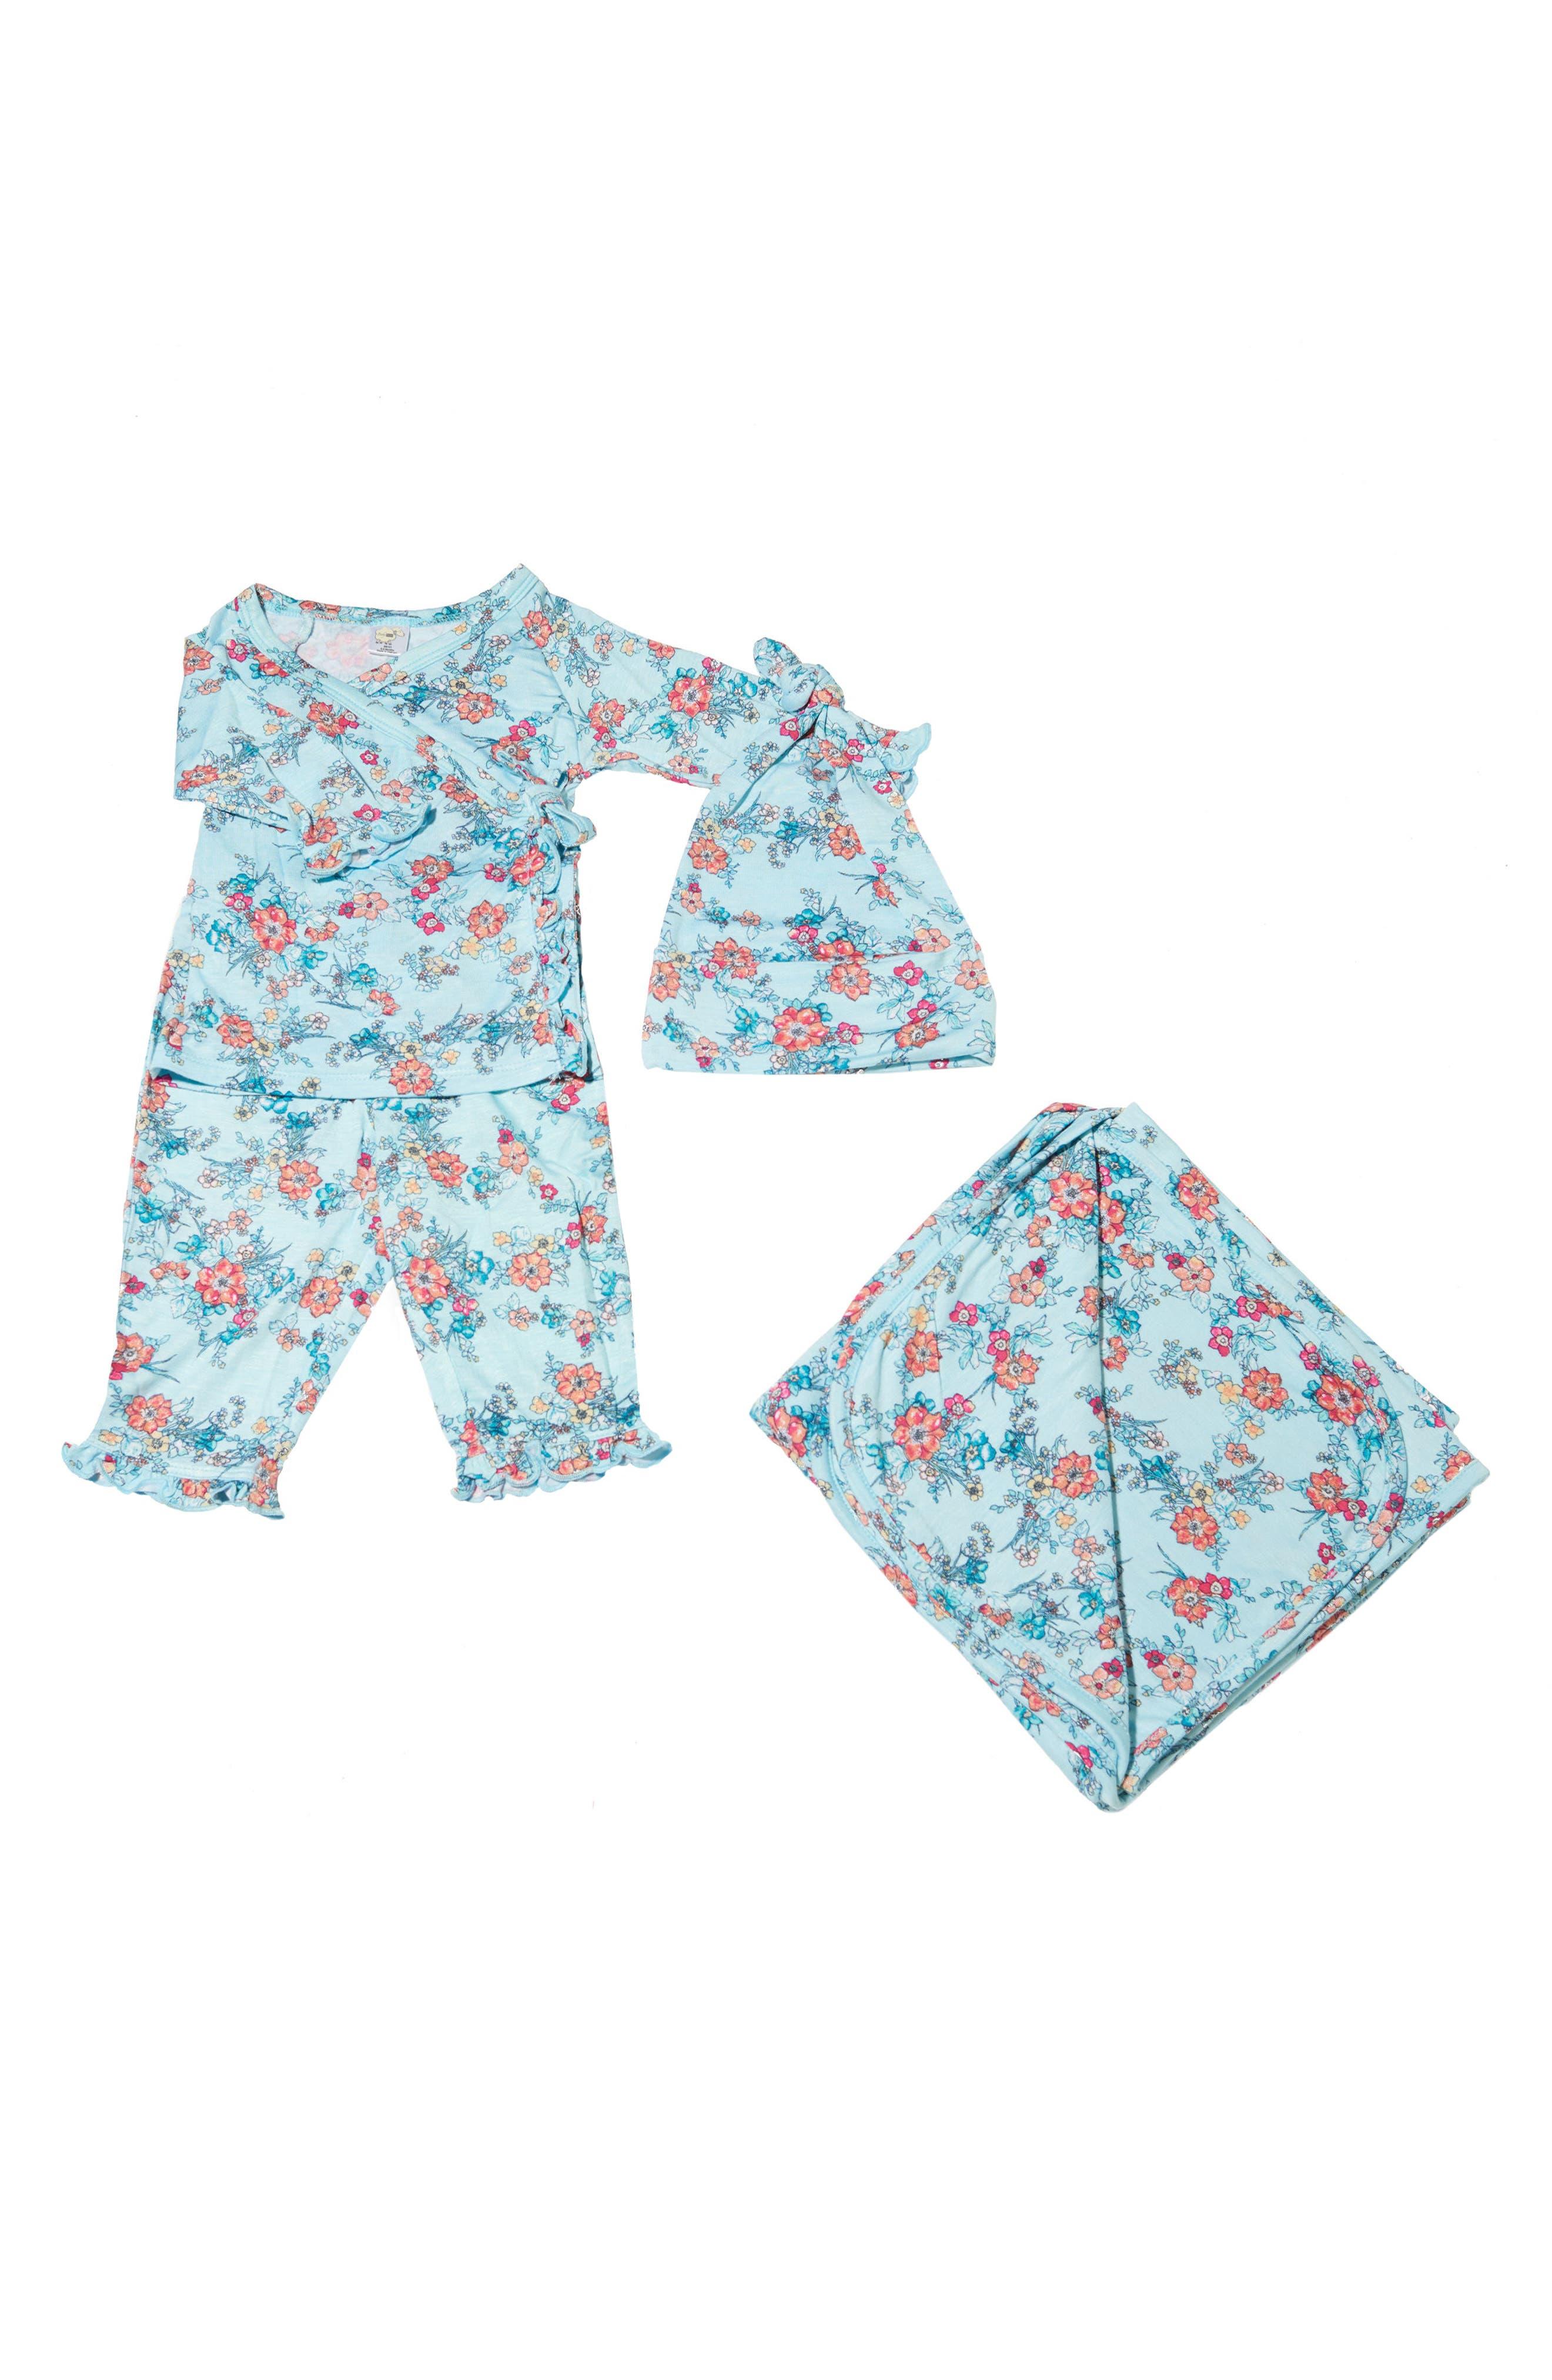 Main Image - Baby Grey Ruffle Kimono Top, Pants, Hat & Blanket Set (Baby Girls)